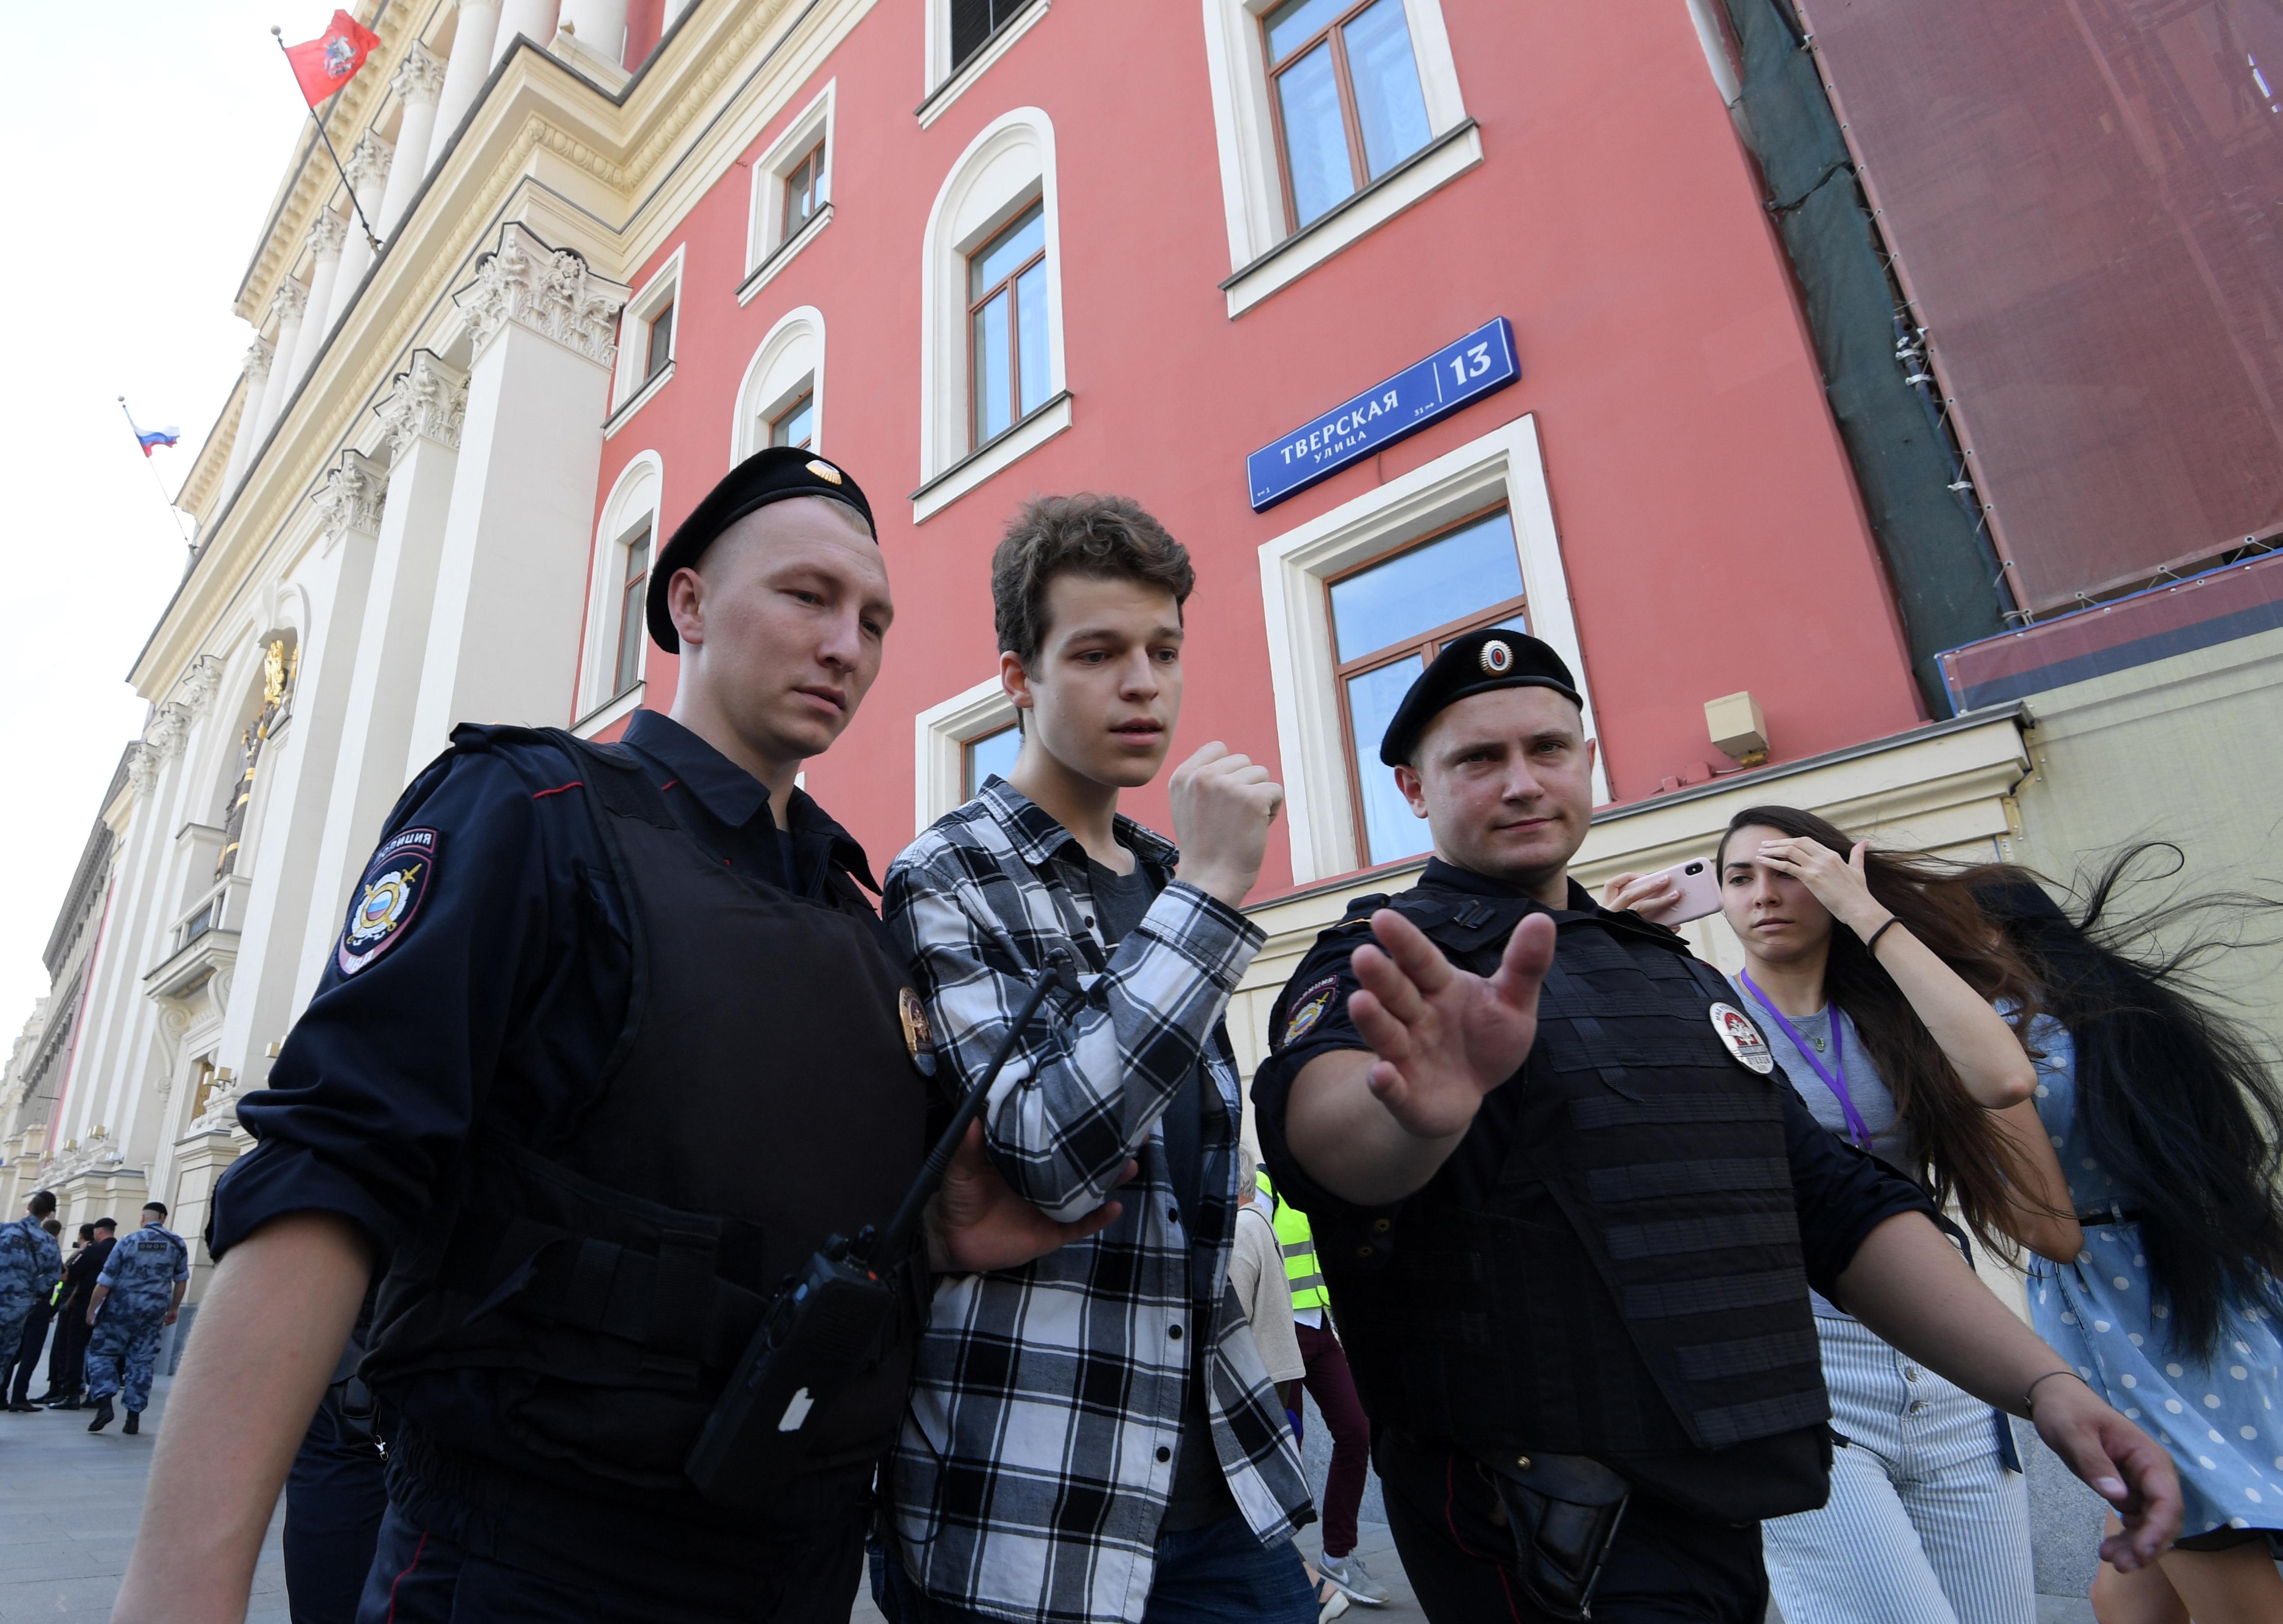 الشرطة الروسية تفض احتجاجا لقوى المعارضة بالقوة